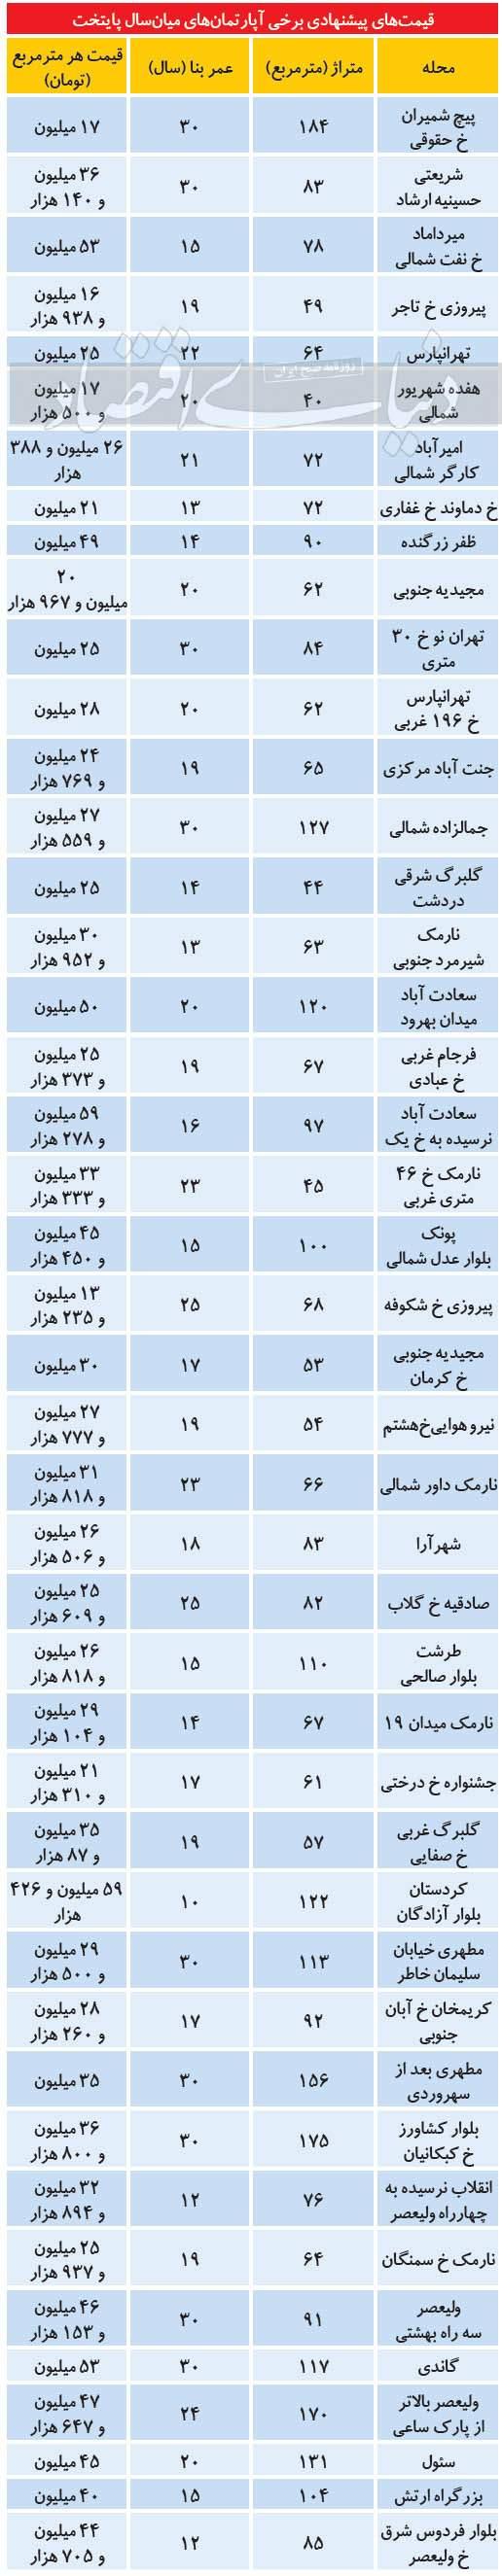 قیمت مسکن در تهران,قیمت ملک تهران 1400